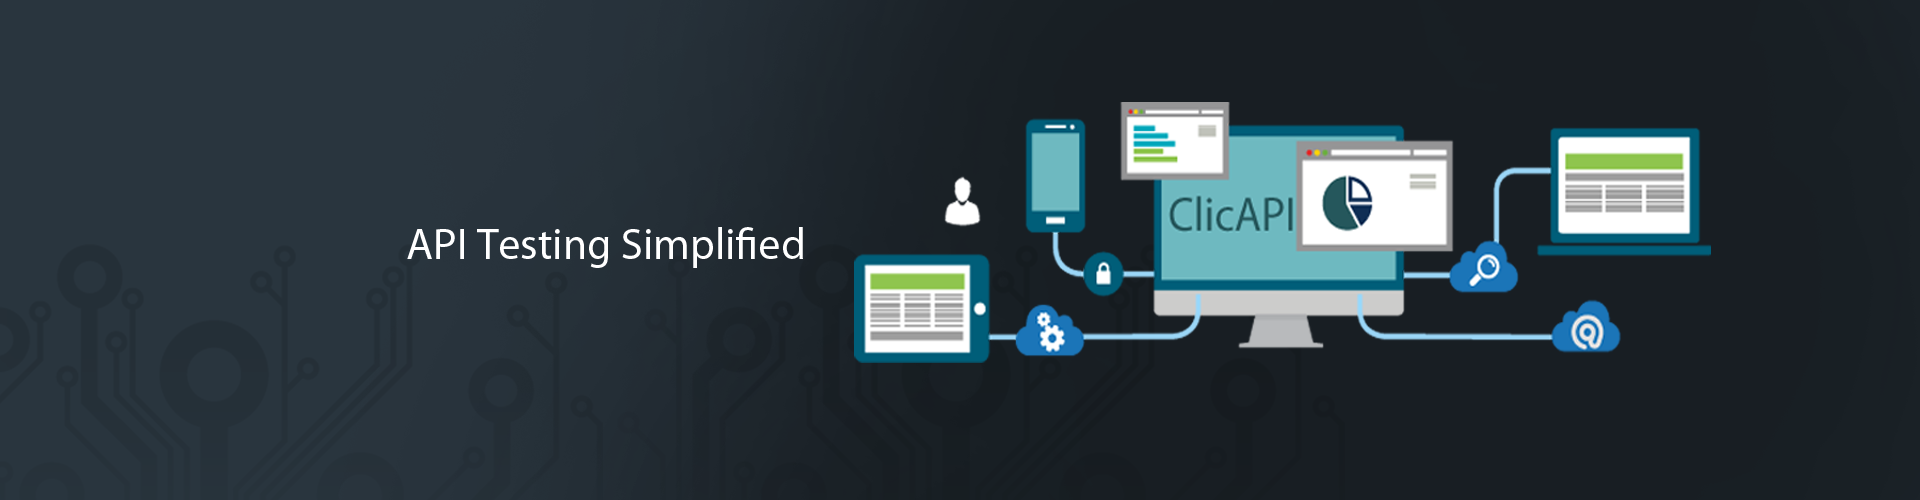 ClicAPI - API Testing Tool